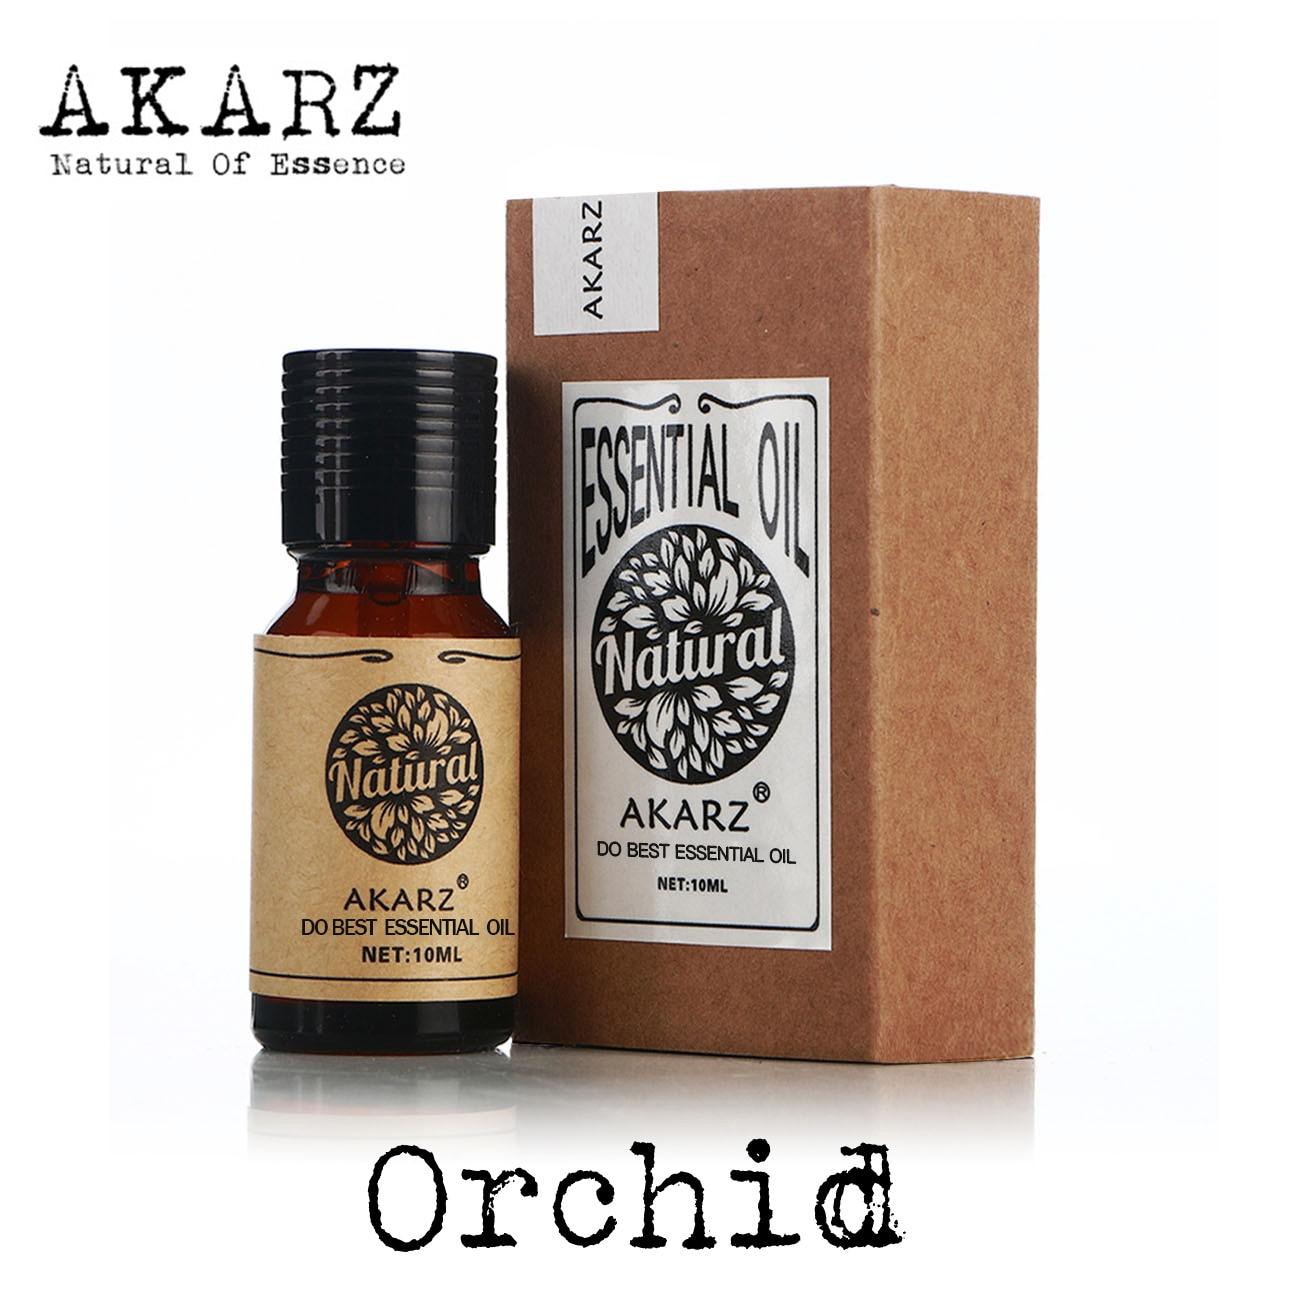 Орхидея эфирное масло AKARZ известный бренд натуральная Oiliness Косметика свечи мыло ароматы делая DIY odorant сырье масло орхидеи